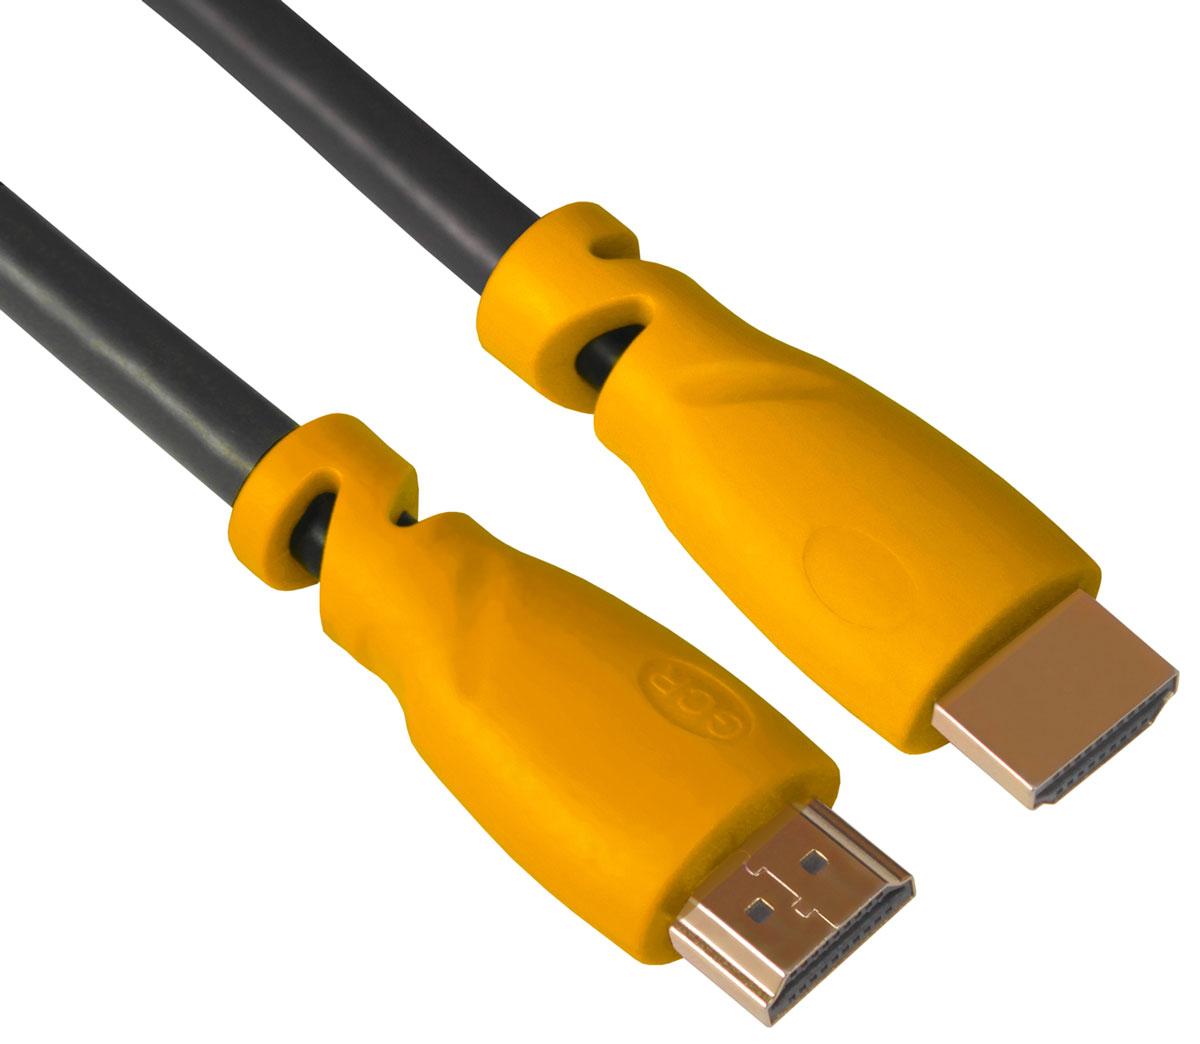 Greenconnect GCR-HM340 кабель HDMI (1,5 м)GCR-HM340-1.5mКабель HDMI v 1.4 Greenconnect GCR-HM340 - отличное решение для подключения компьютера, игровых консолей, DVD и Blu-ray плееров, аудио-ресиверов к телевизору или дополнительному монитору. Кабель HDMI поддерживает как стандартные, так и высокие разрешения самых современных моделей телевизоров.Greenconnect GCR-HM340 поддерживает 4K, Full HD и HD разрешения. Это даёт возможность наслаждаться более точной и естественной картинкой с высочайшим уровнем детализации и диапазоном цветов. Использование кабеля позволяет передавать изображение в столь популярном формате 3D, усиливая элемент присутствия и позволяя получать удовольствие от качественного объёмного изображения.Кабель оснащен двунаправленным каналом для передачи сетевых данных, который подходит для использования IP-приложениями. Канал Ethernet позволяет нескольким устройствам работать в сети Ethernet без необходимости подключения дополнительных проводов, а также напрямую обмениваться контентом. Наличие обратного канала аудио устраняет необходимость в отдельном проводе для передачи звука в ресивер с телевизора или другого устройства, которое является одновременно источником аудио и видео.Максимальная скорость передачи данных по HDMI кабелю Greenconnect GCR-HM340 до 10,2 Гбит/с. Высокая скорость обеспечивает передачу больших объёмов данных за кратчайшее время. Позволяет передавать данные в онлайн режиме без потери качества. Экранирование кабеля защищает сигнал при передаче от влияния внешних полей, способных создать помехи.Внешняя оболочка кабеля Greenconnect GCR-HM340 изготовлена из экологически чистого PVС, соответствующего европейскому стандарту безотходного производства RoHS. Коннектор HDMI кабеля способен выдержать более 10 тысяч подключений, благодаря высококачественным материалам и практичному дизайну.